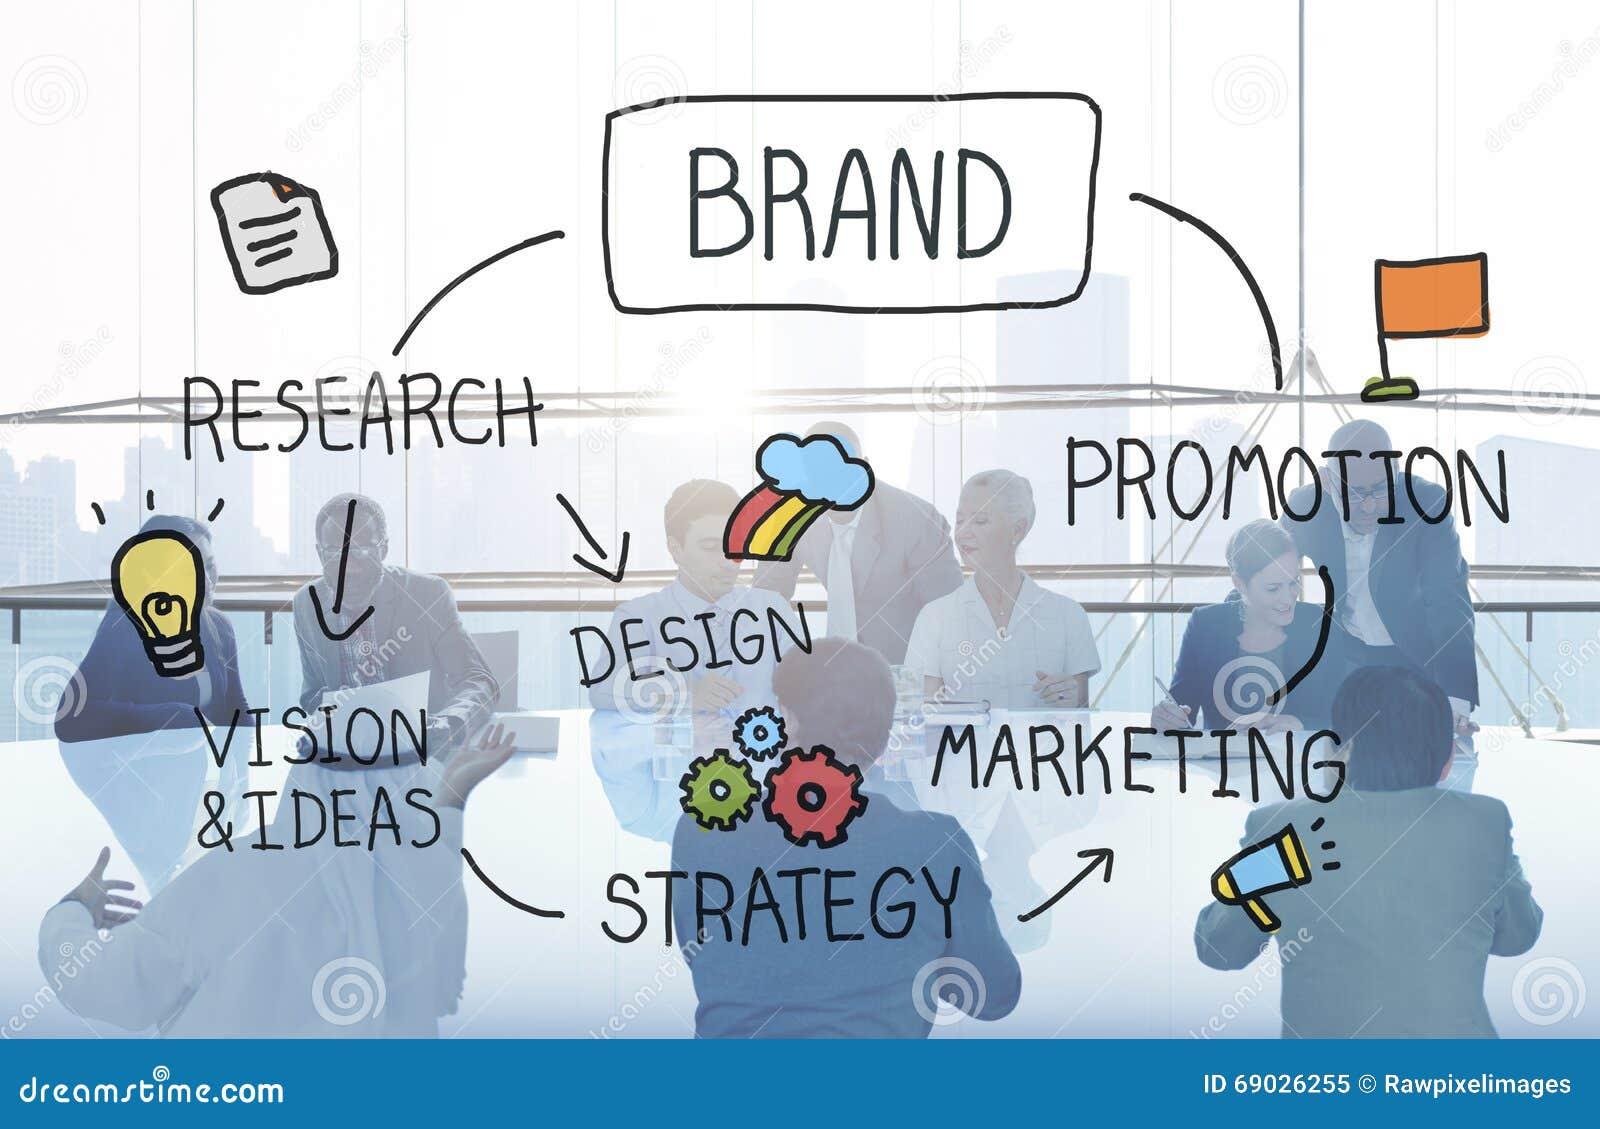 Έννοια εμπορικών σημάτων σχεδίου μαρκαρίσματος διαφήμισης μάρκετινγκ εμπορικών σημάτων